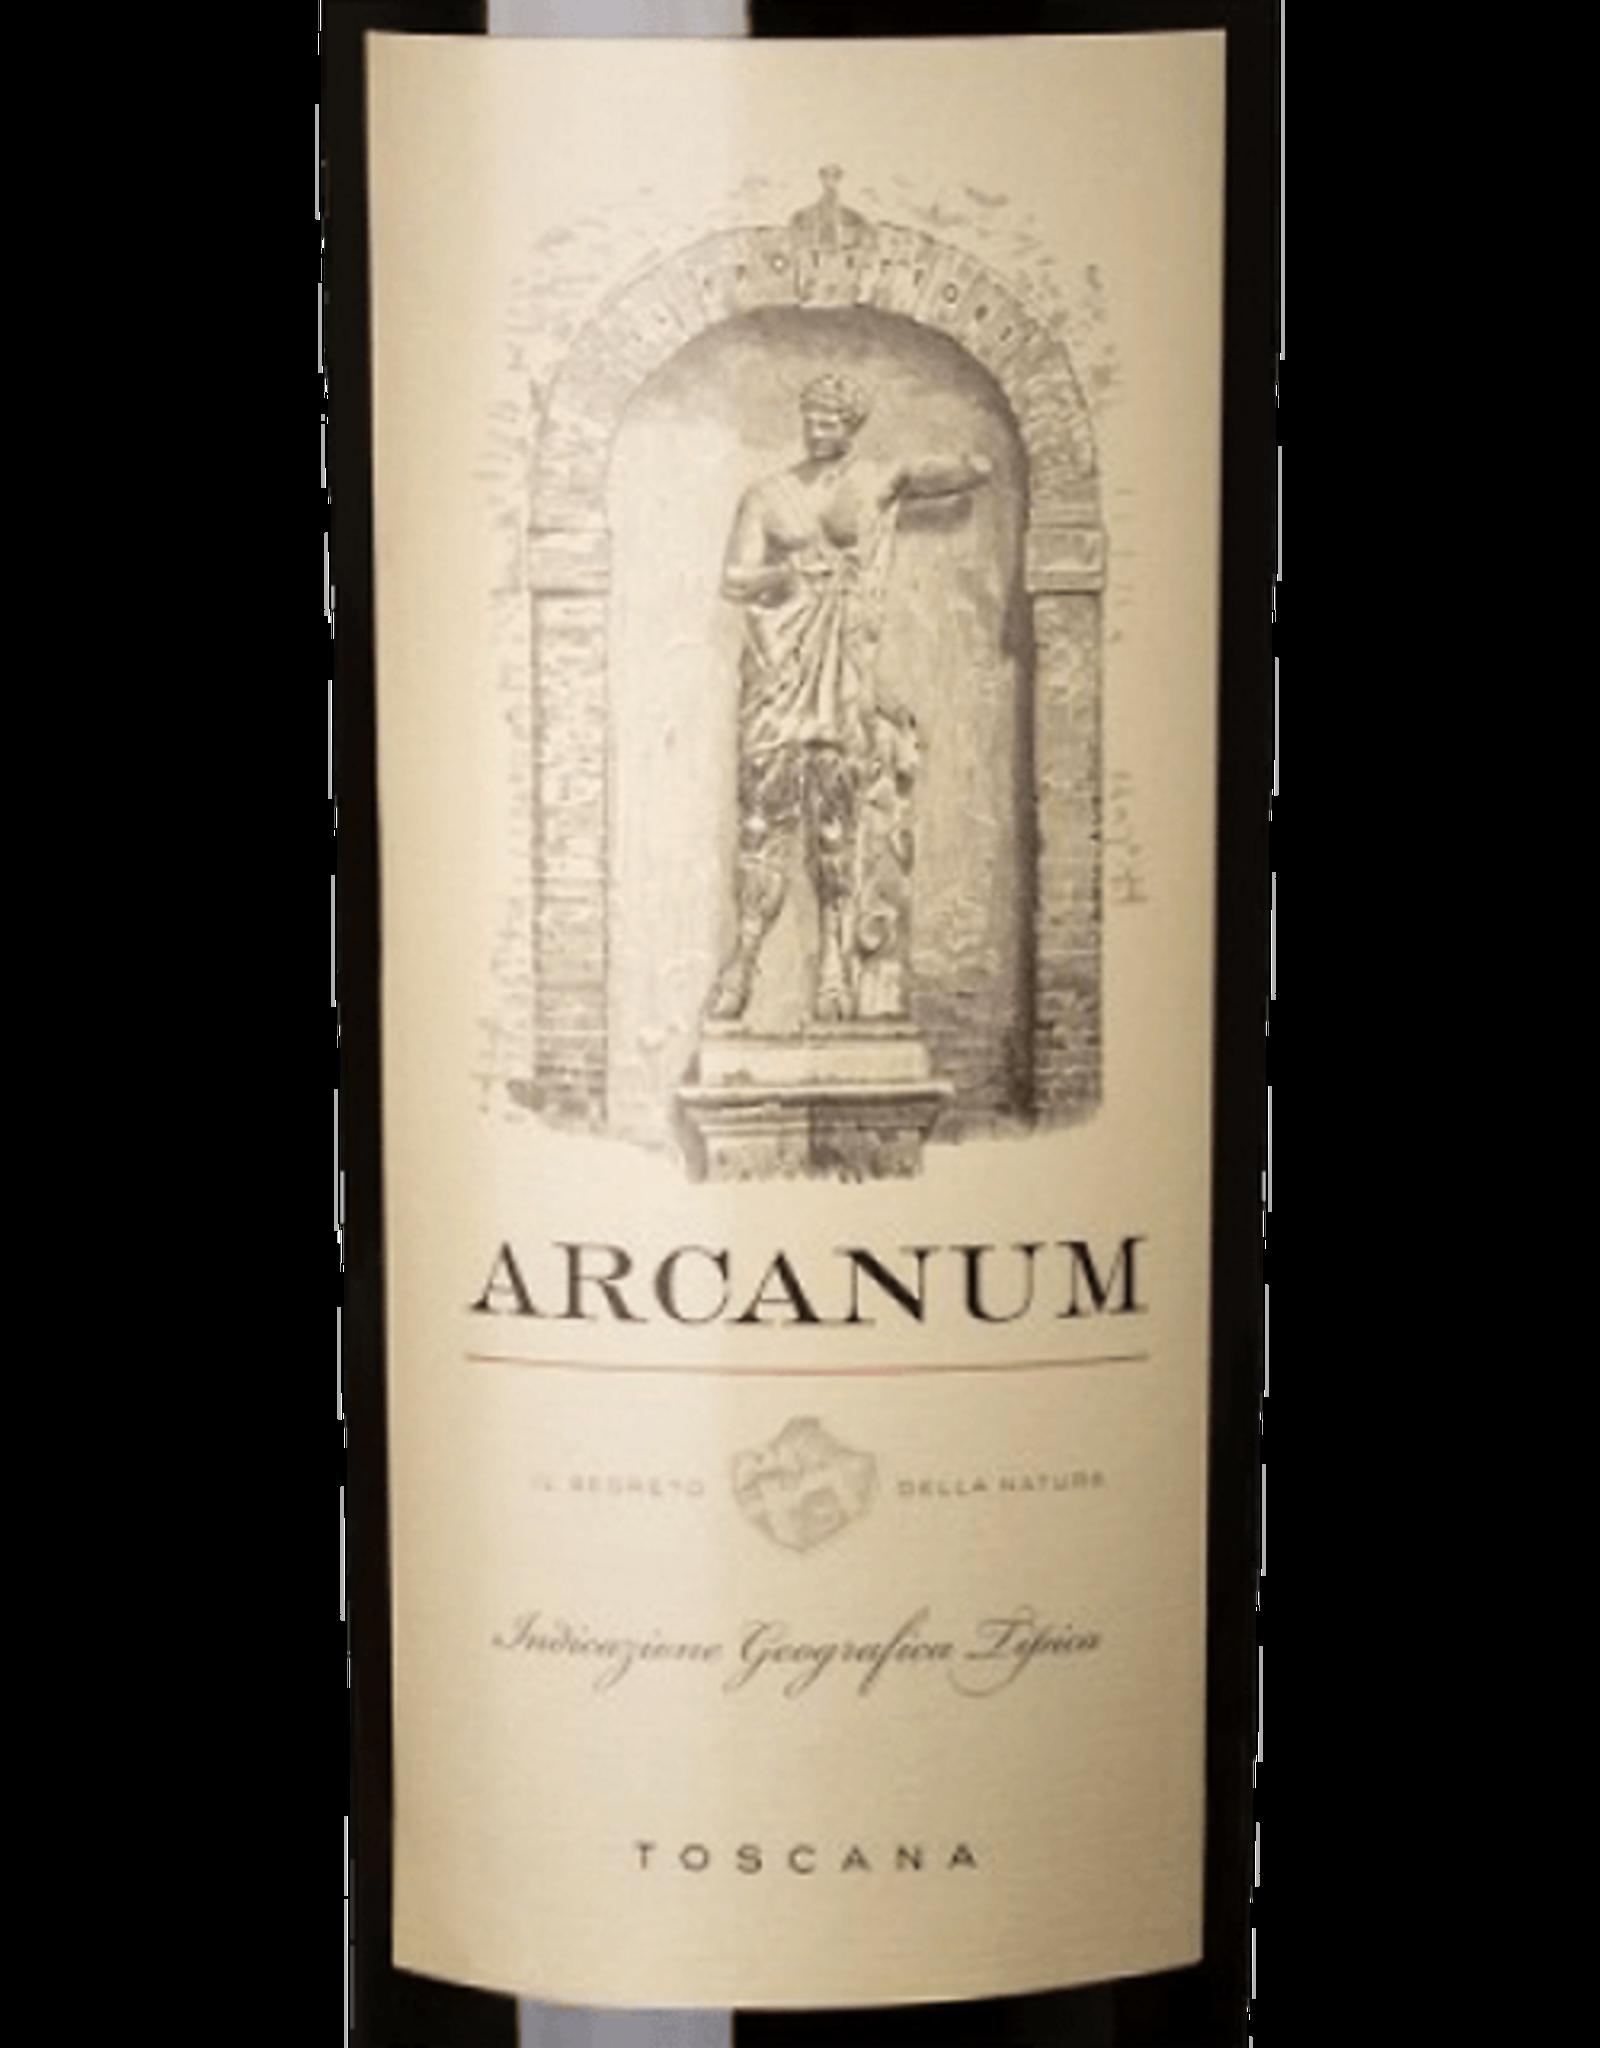 Arcanum Toscana 2006